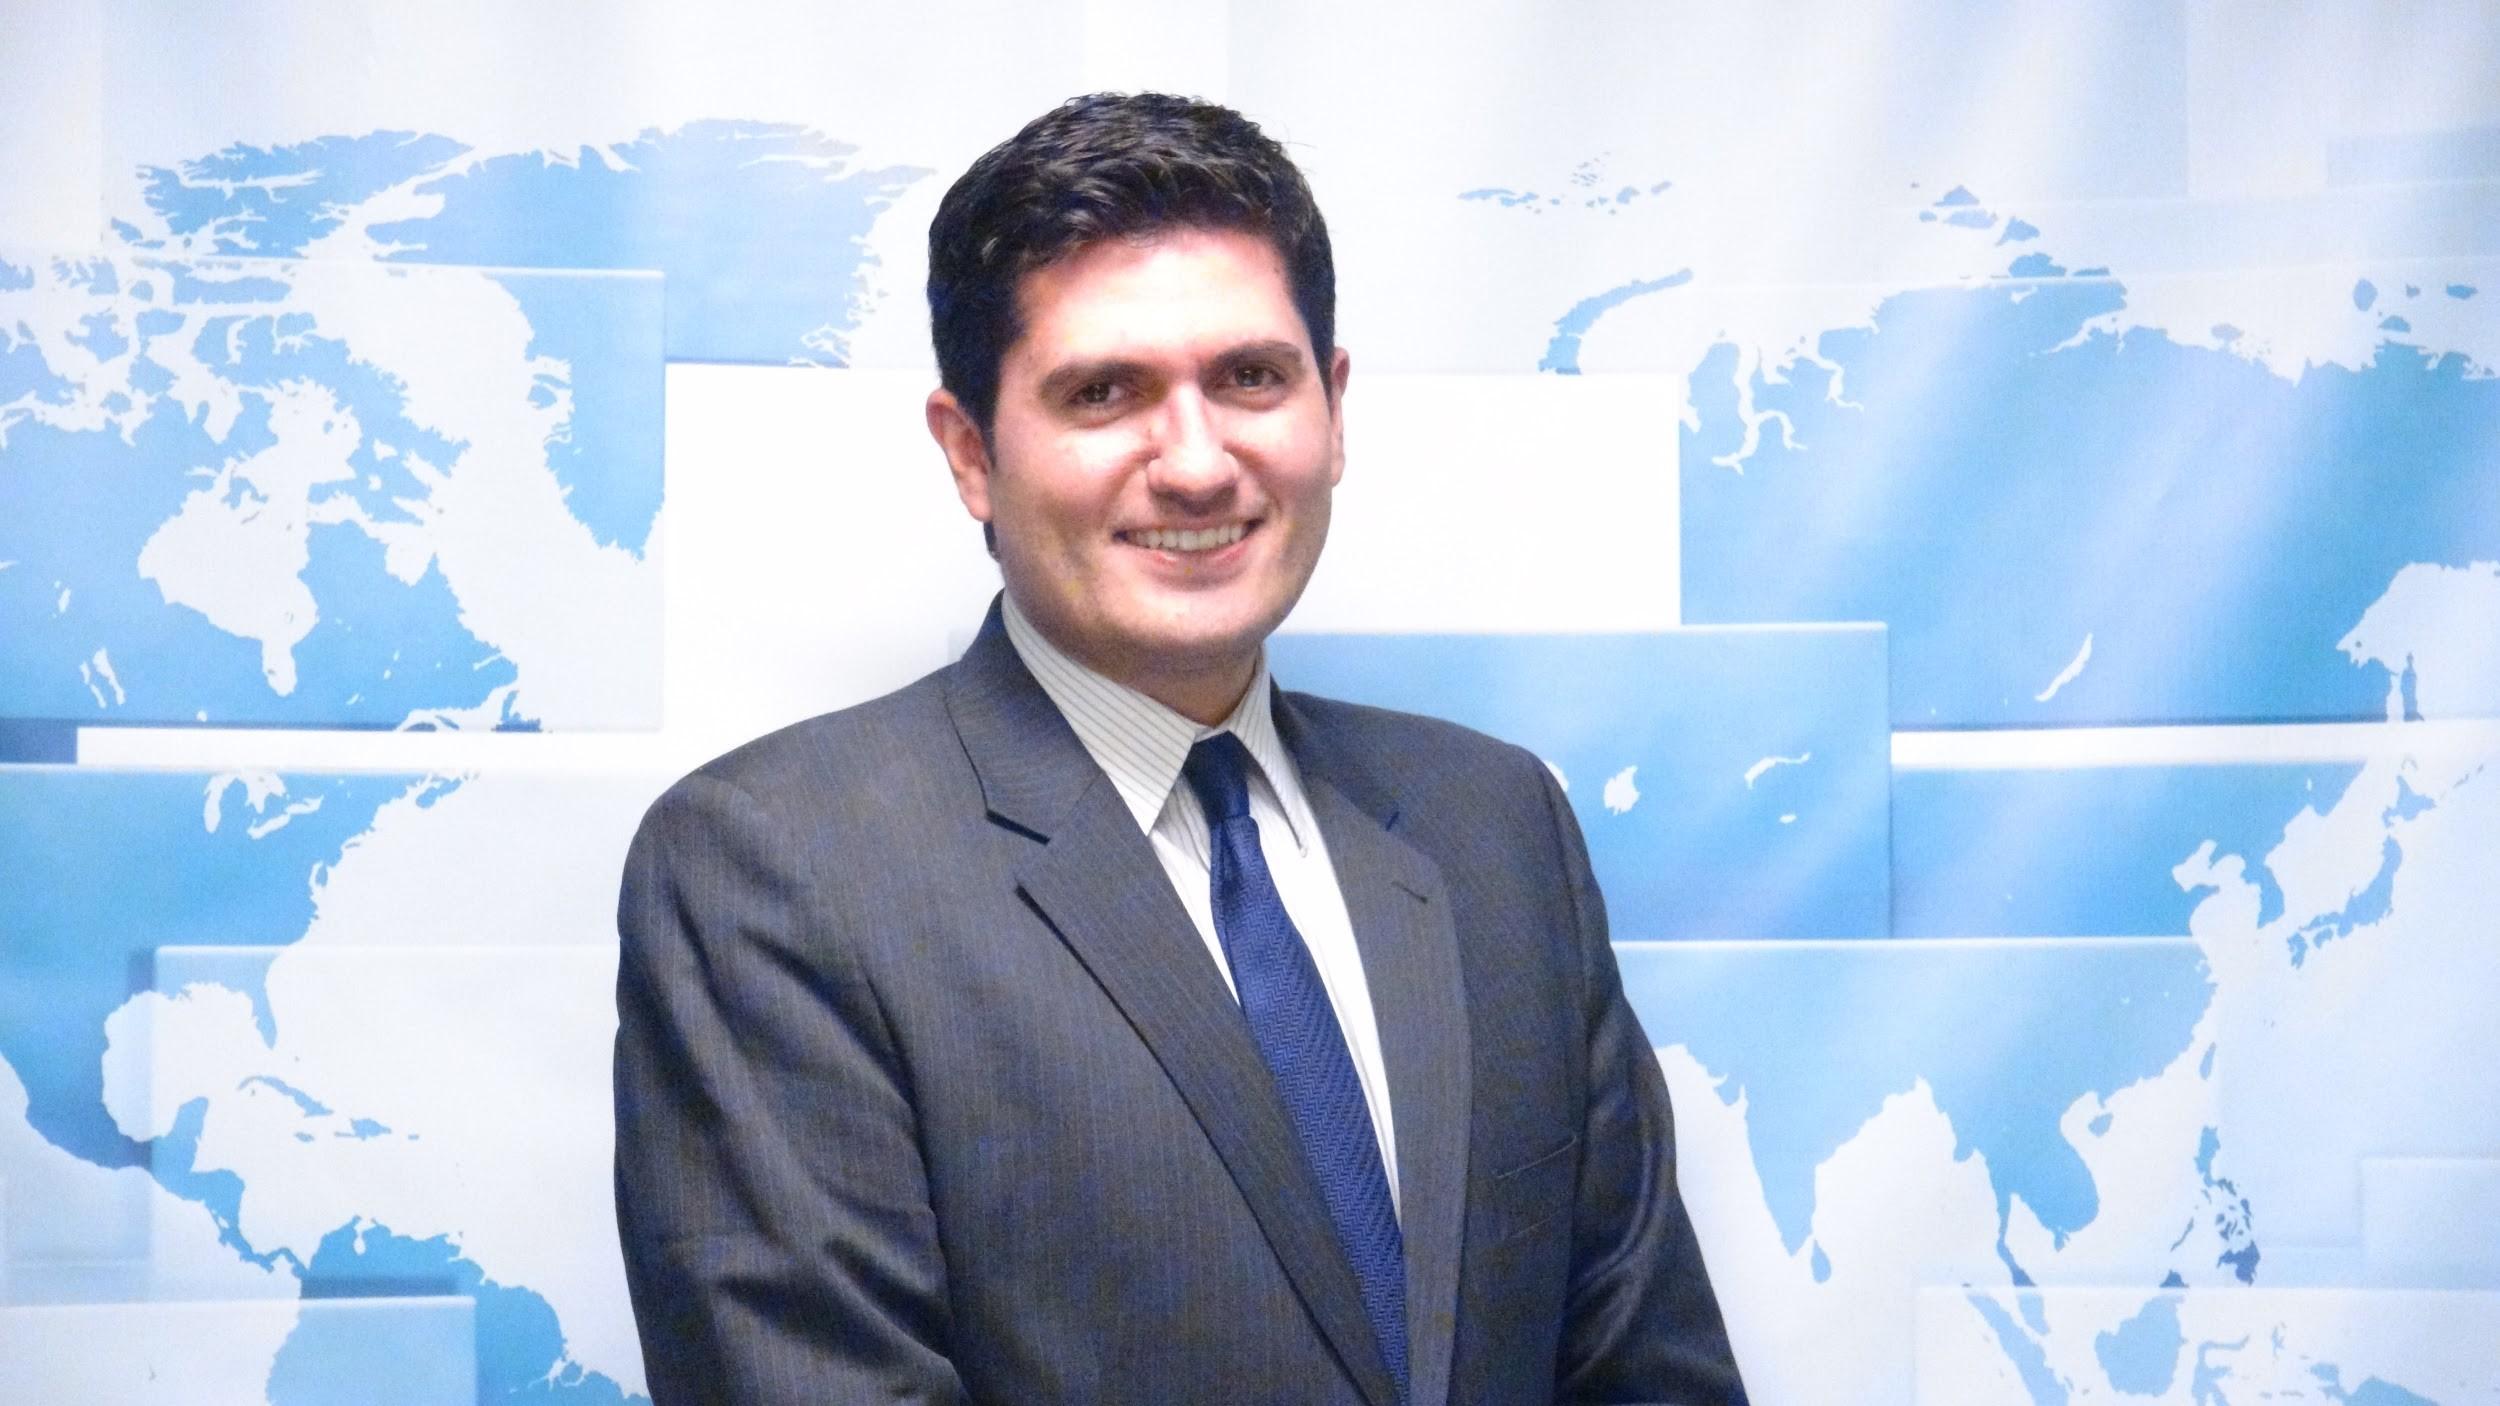 Guilherme Casarões